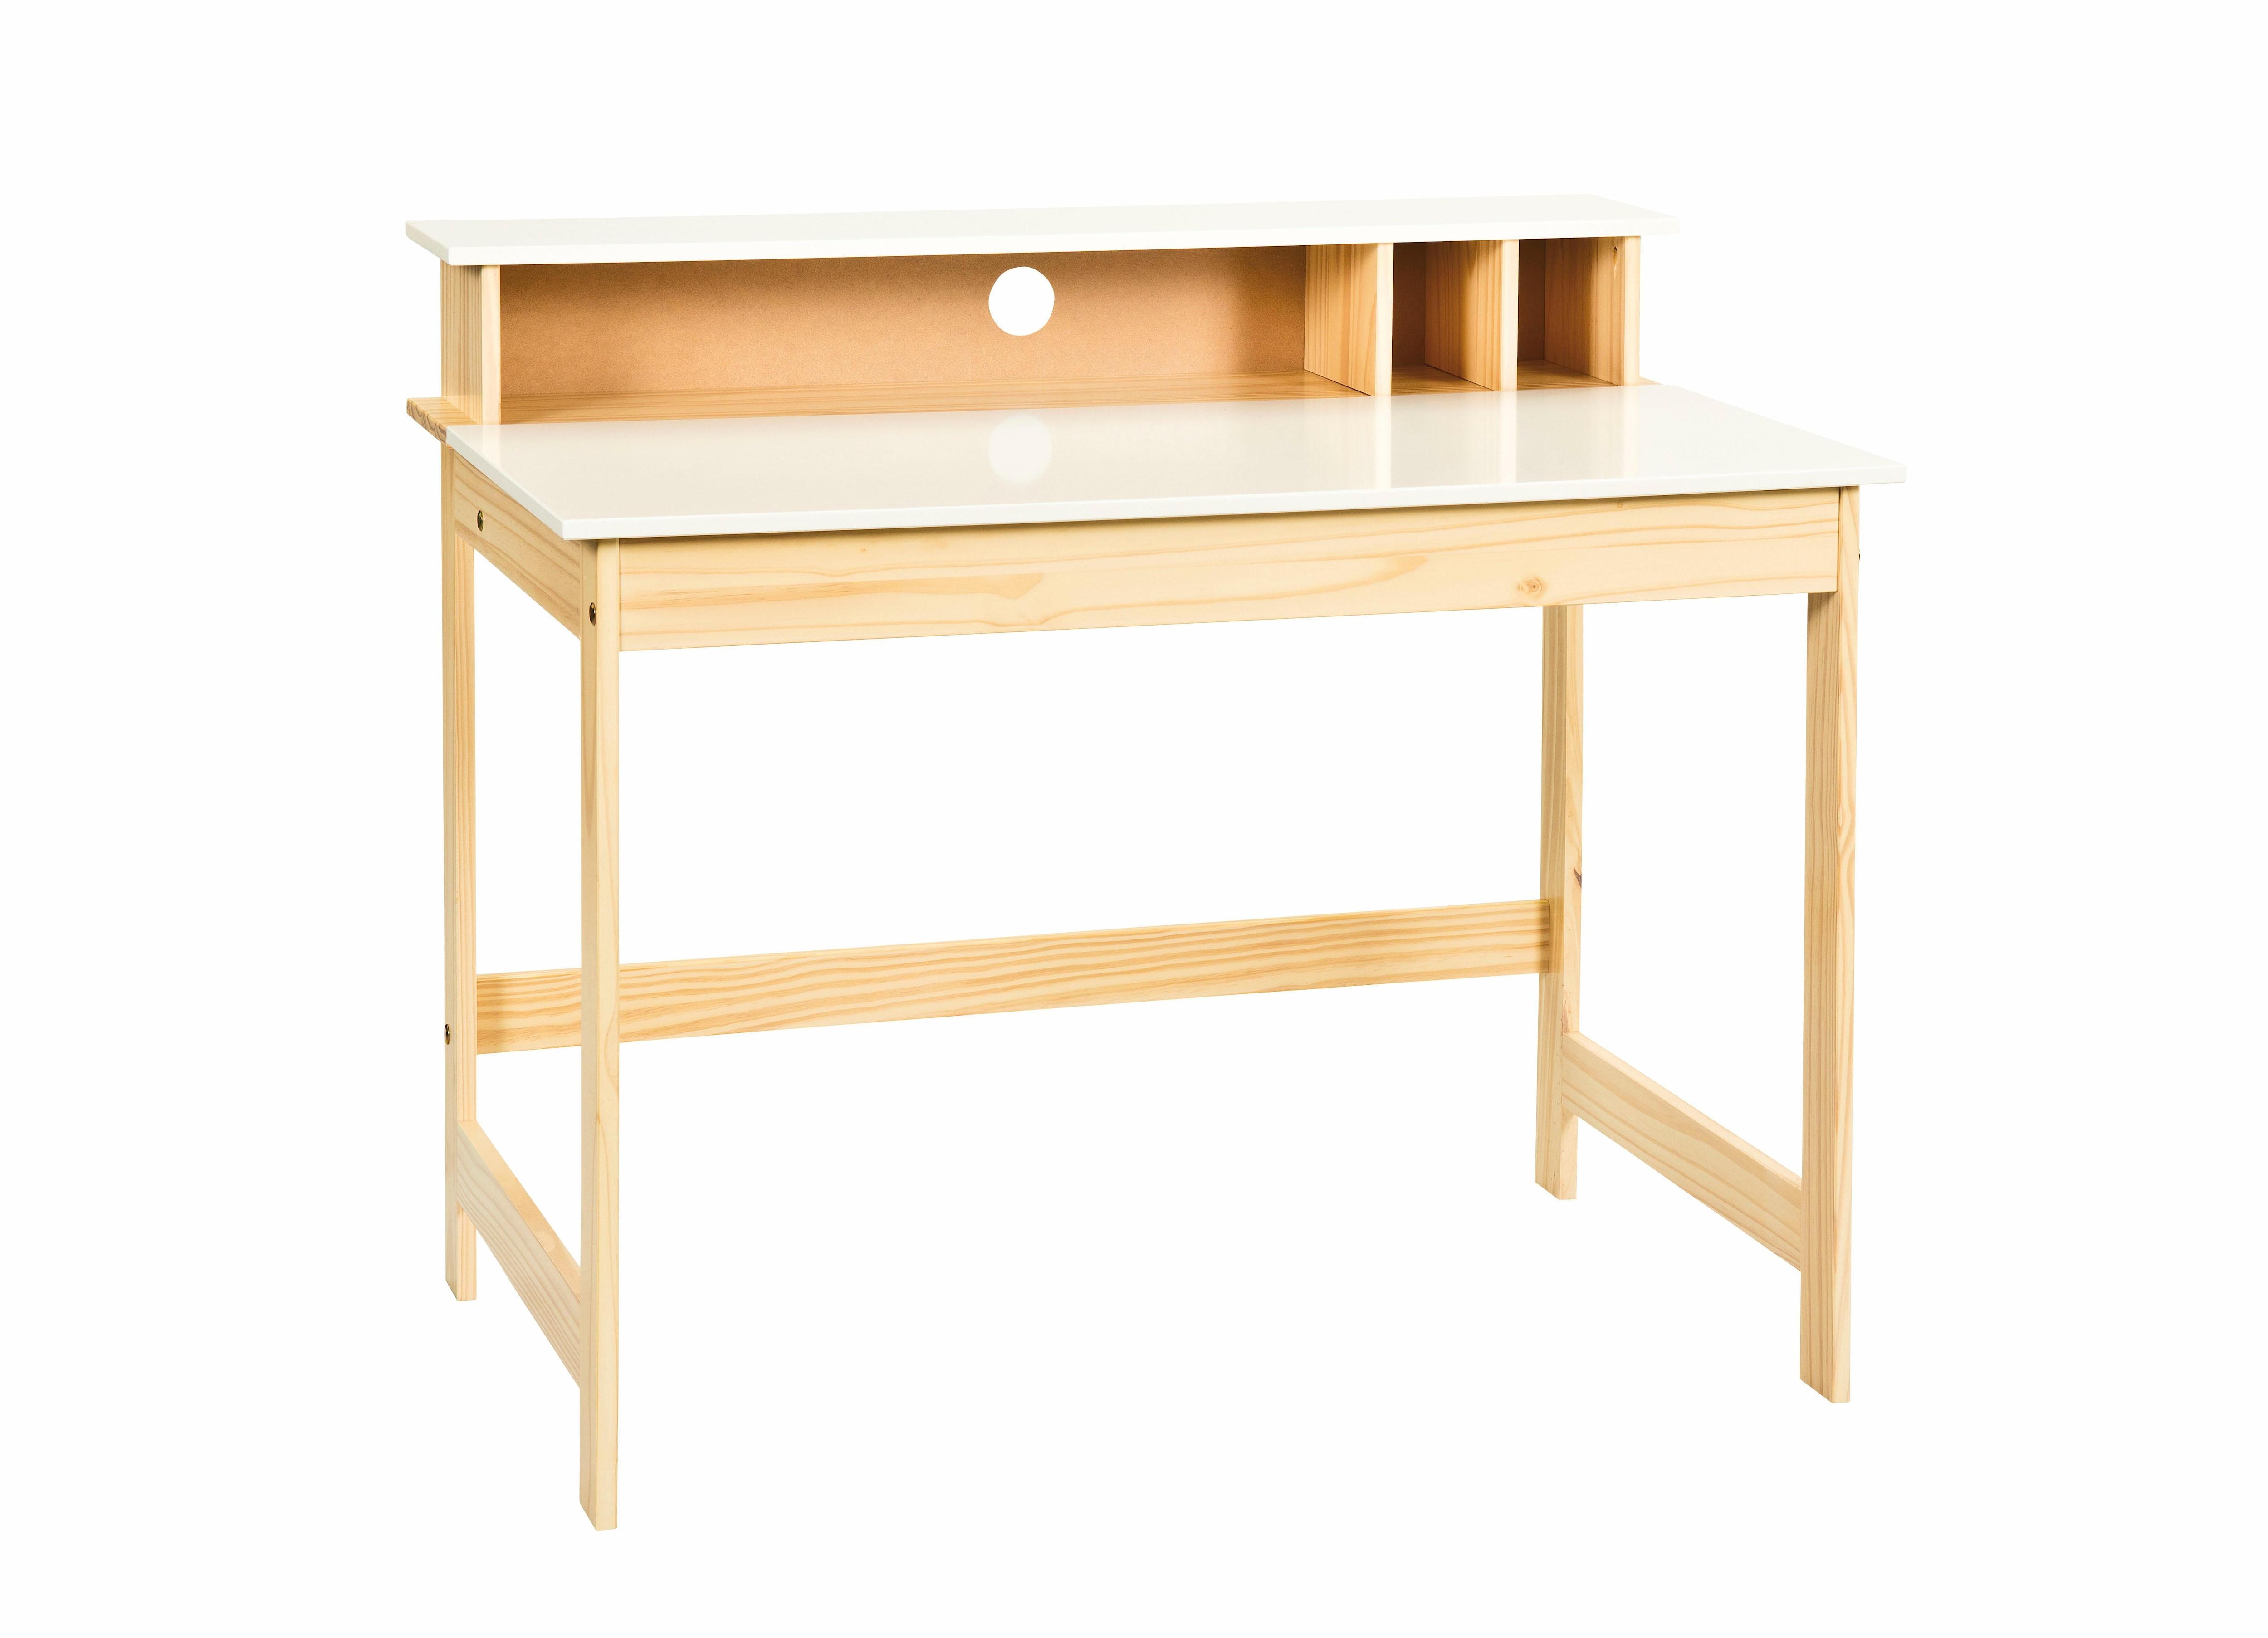 Home affaire Schreibtisch Matheo mit aufklappbarer Arbeitsplatte Breite 110 cm